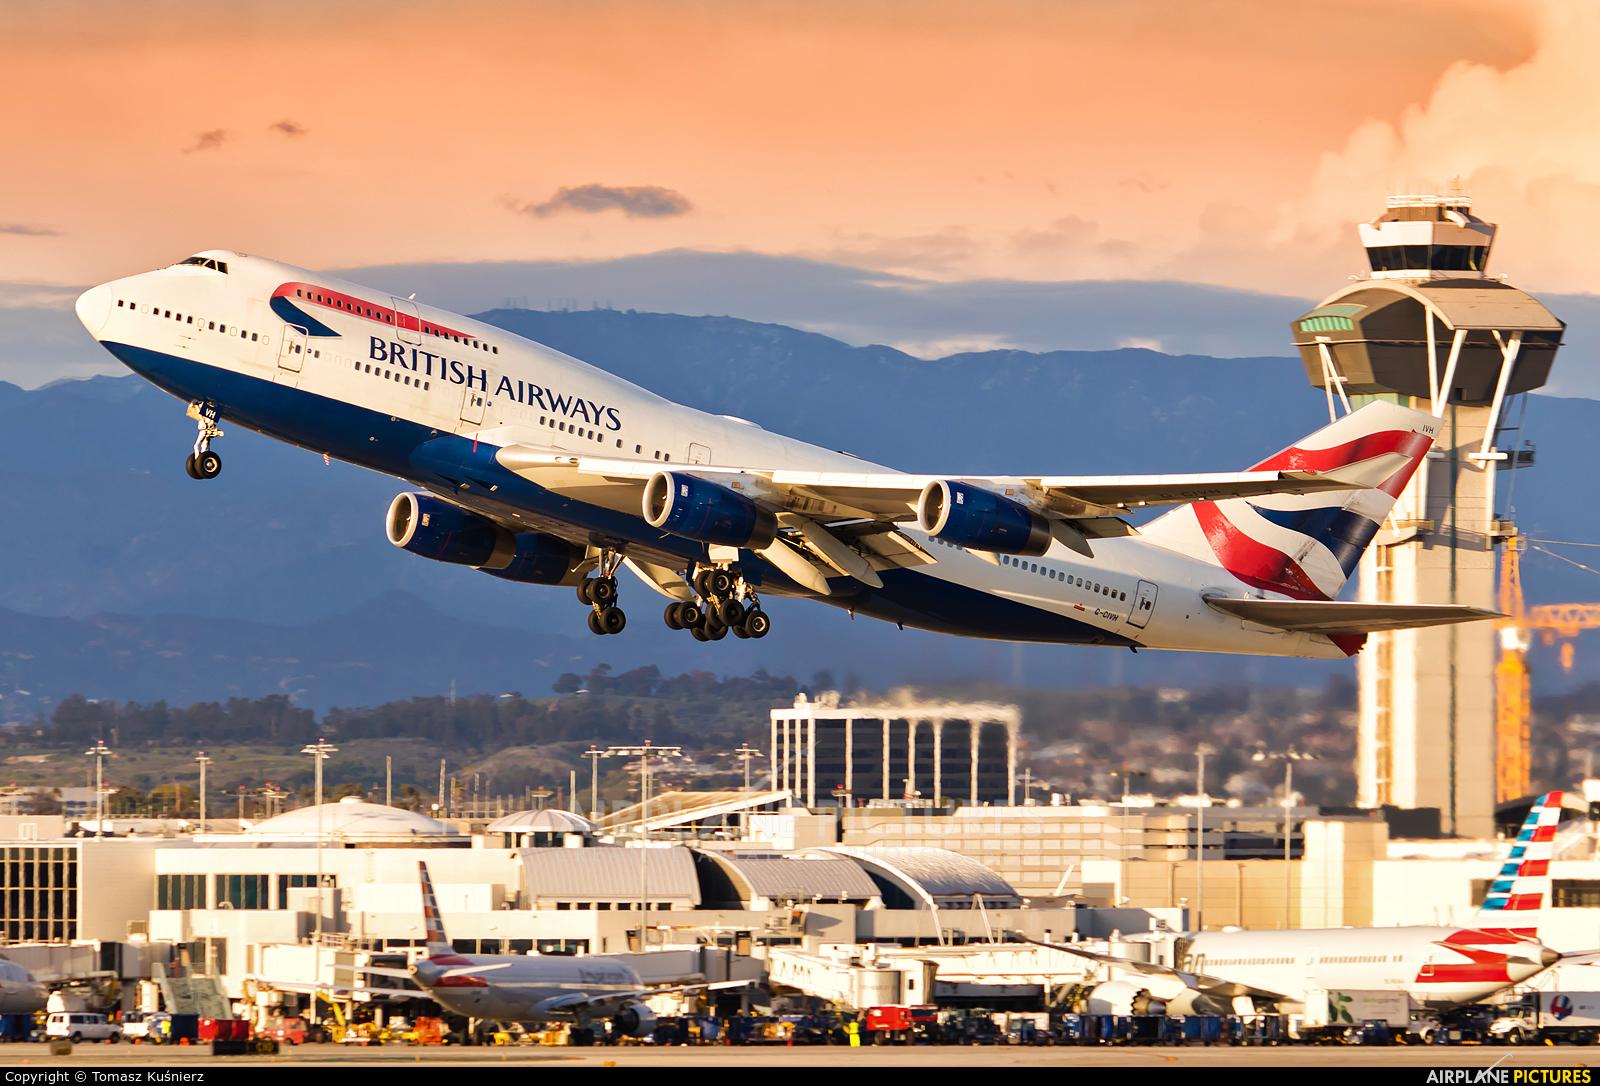 British Airways G-CIVH aircraft at Los Angeles Intl